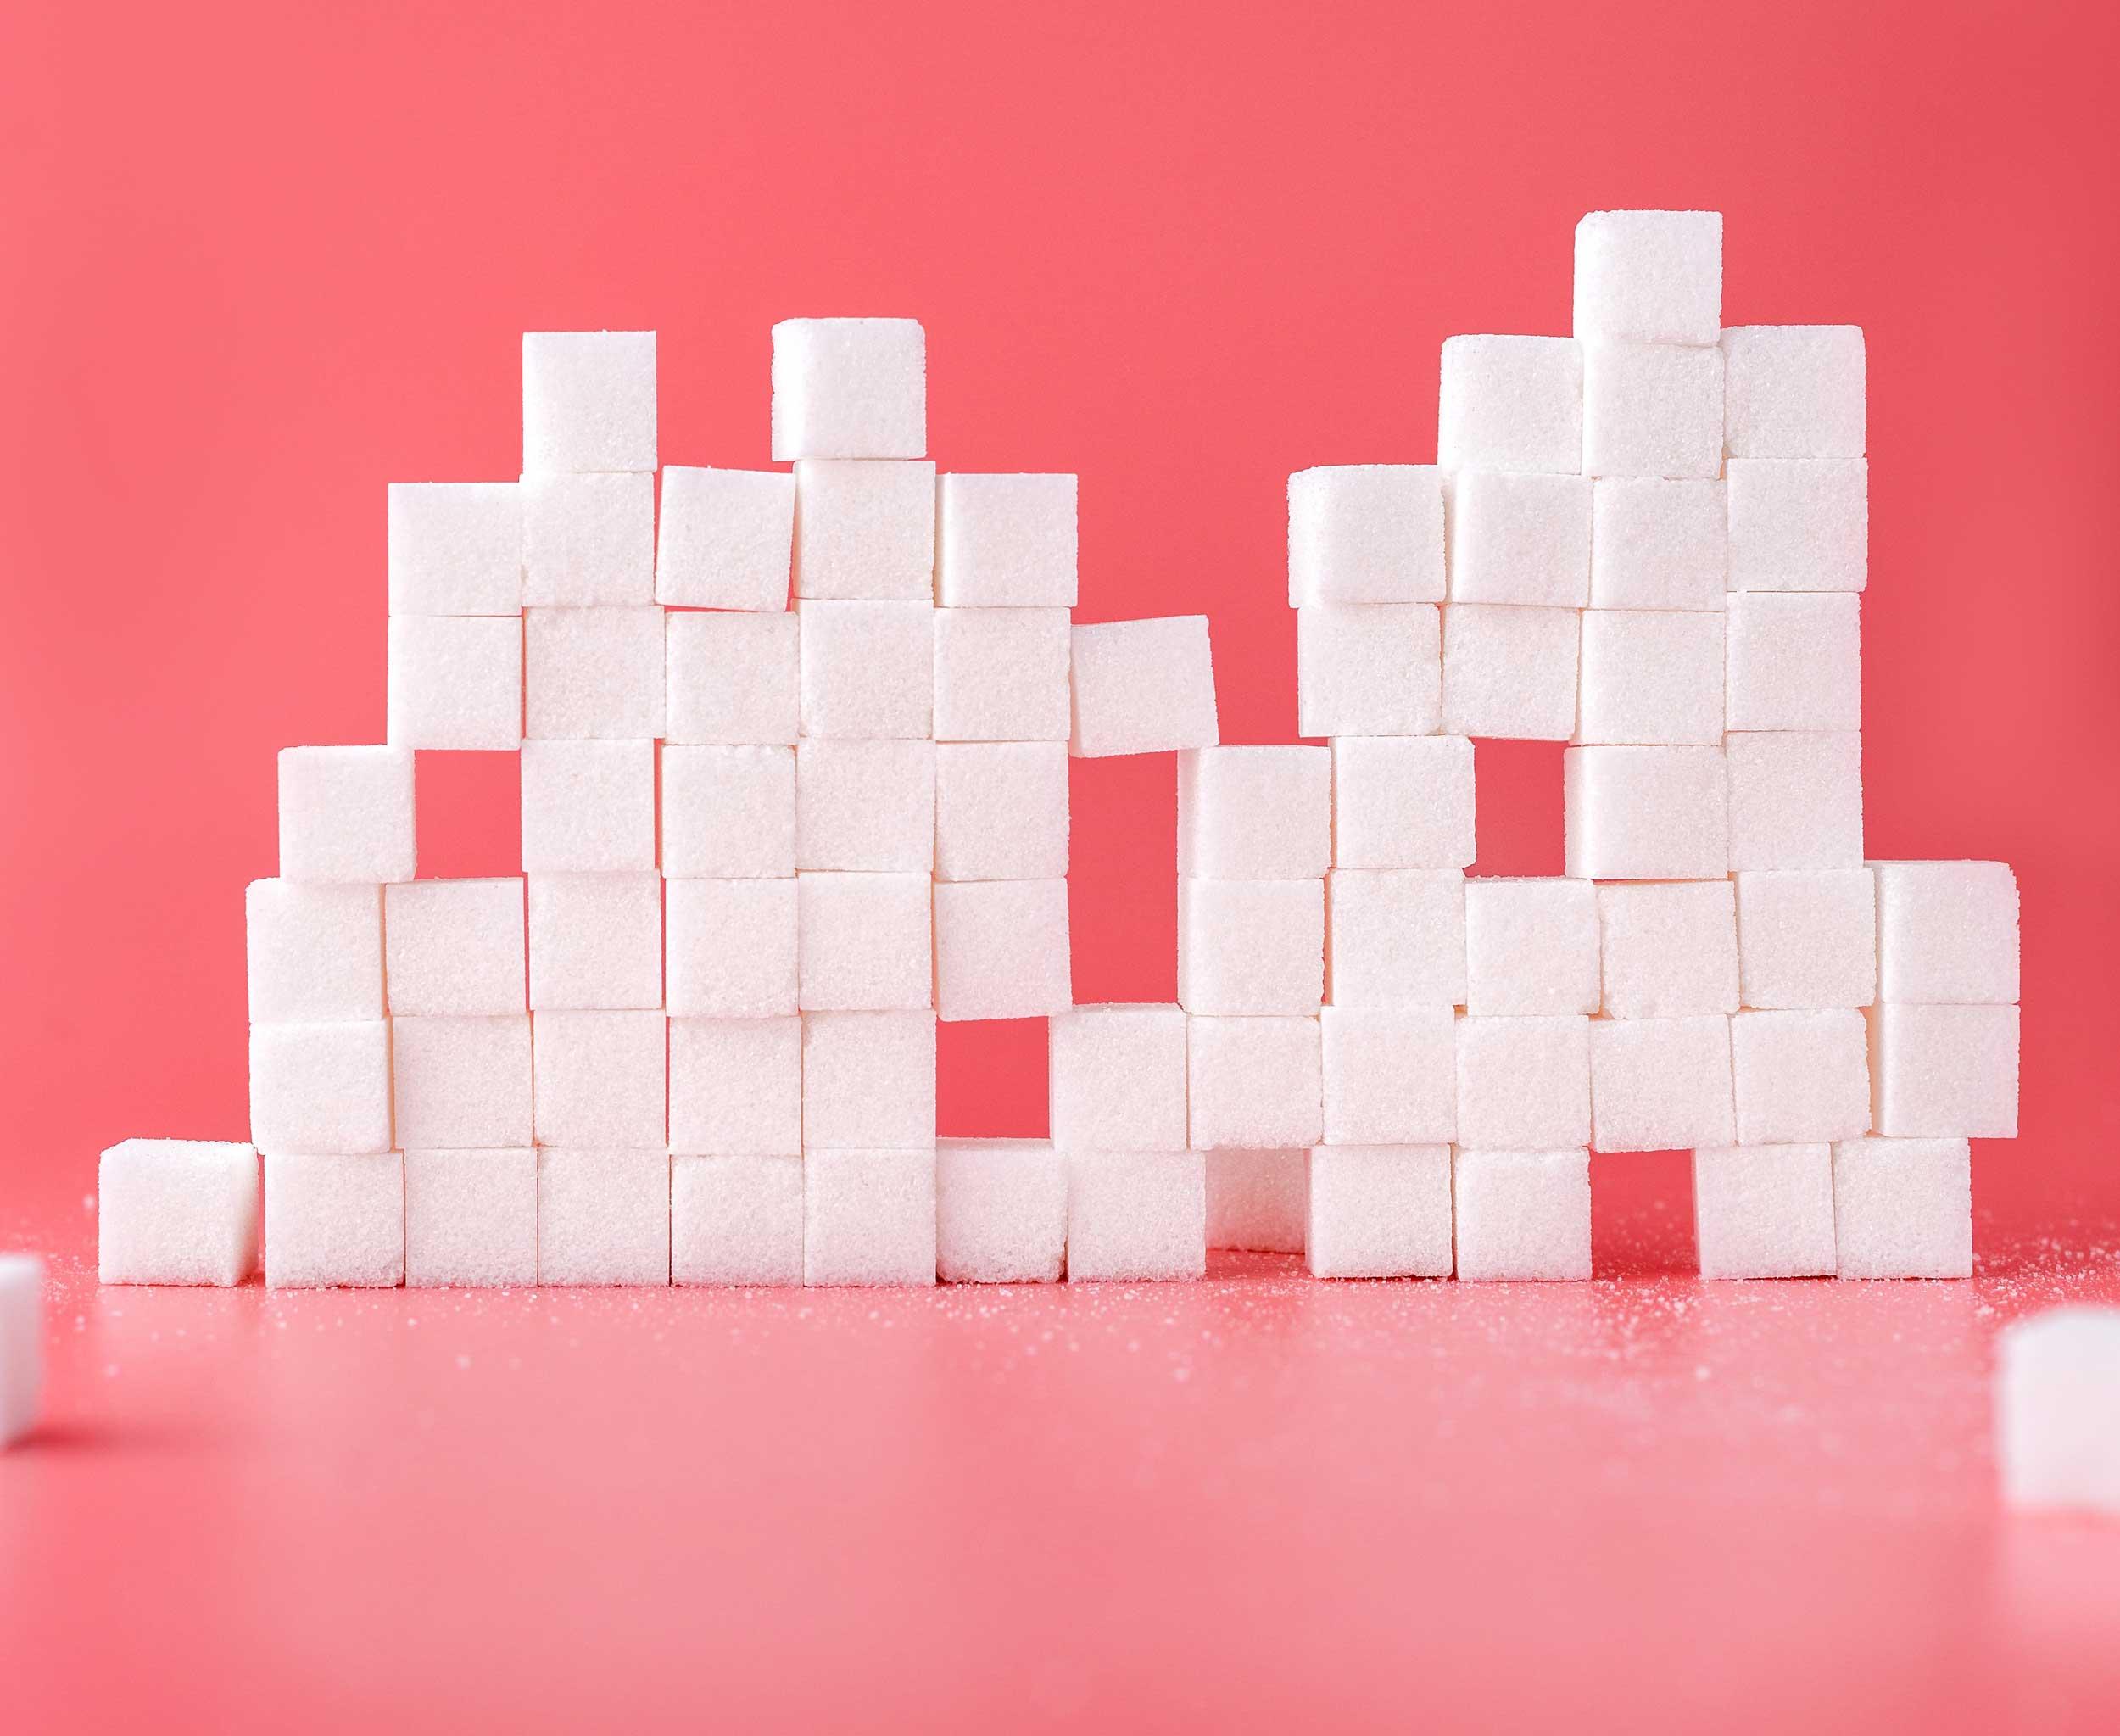 Blog Doctoome | Coronavirus : du sucre pour soigner l'épidémie ?